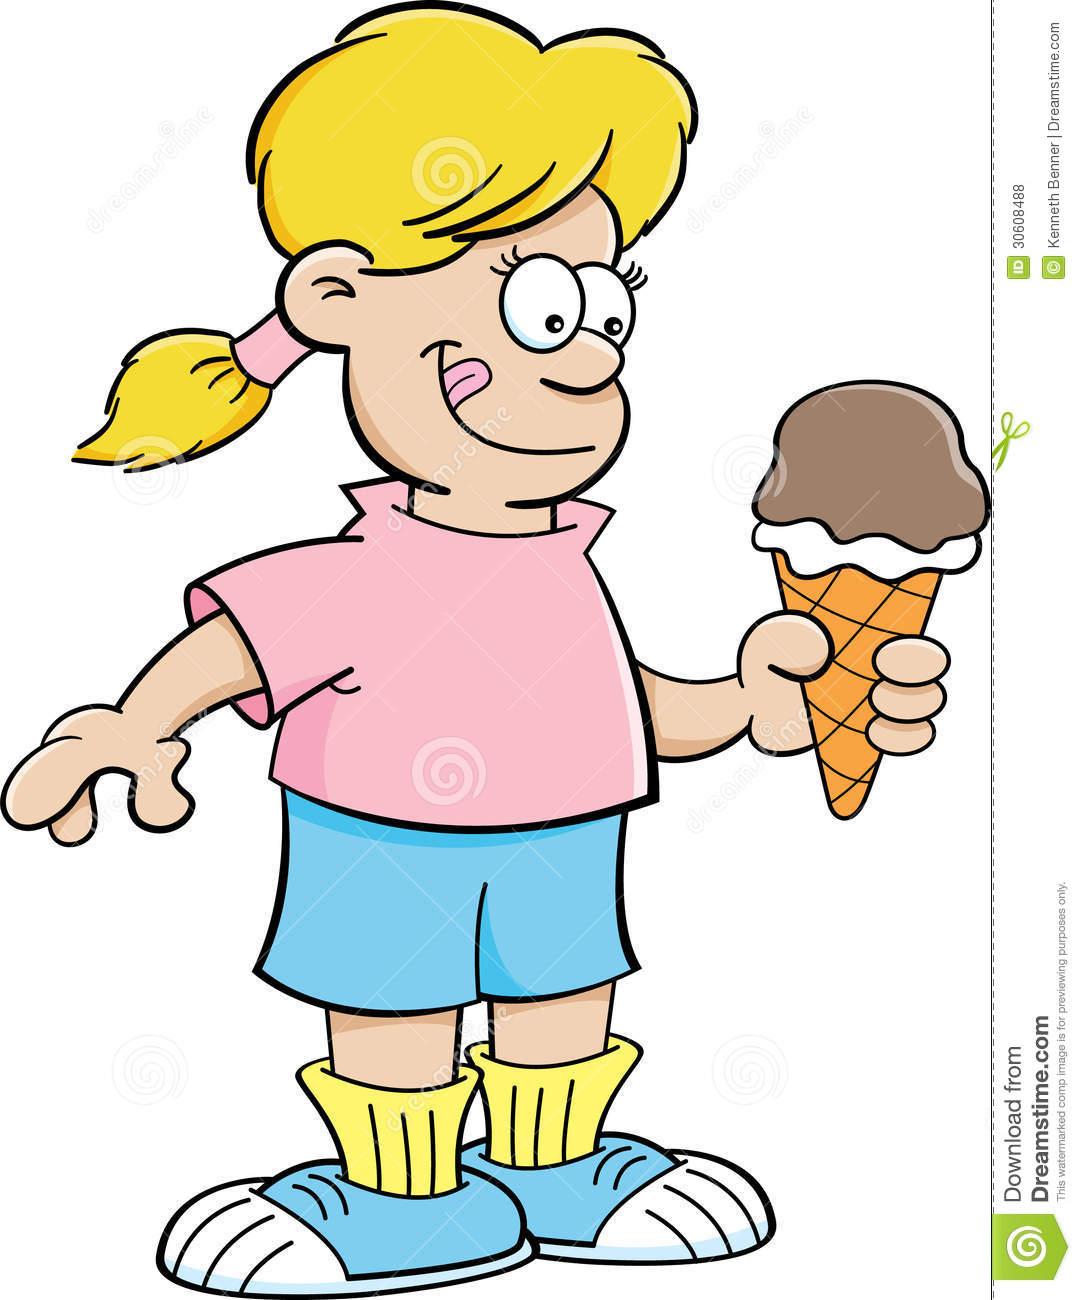 Cartoon Girl Eating An Ice Cream Cone Royalty Free Stock Photos.